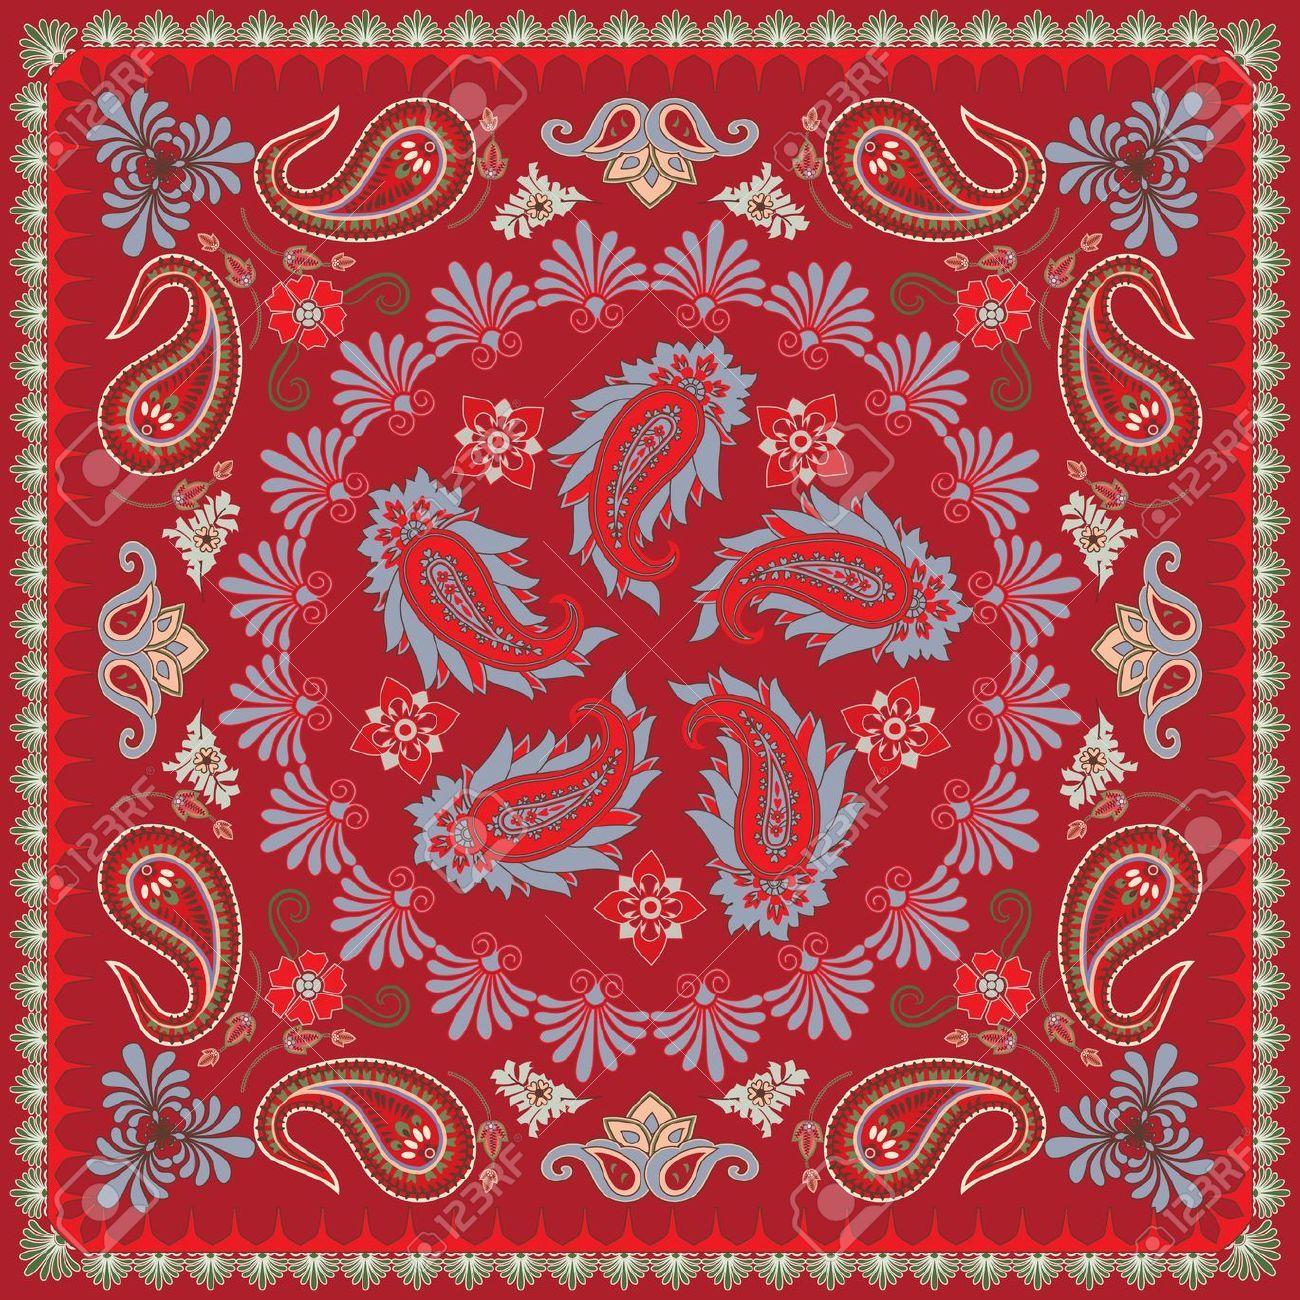 Traditional Paisley Bandana Design Royalty Free Cliparts, Vectors ...